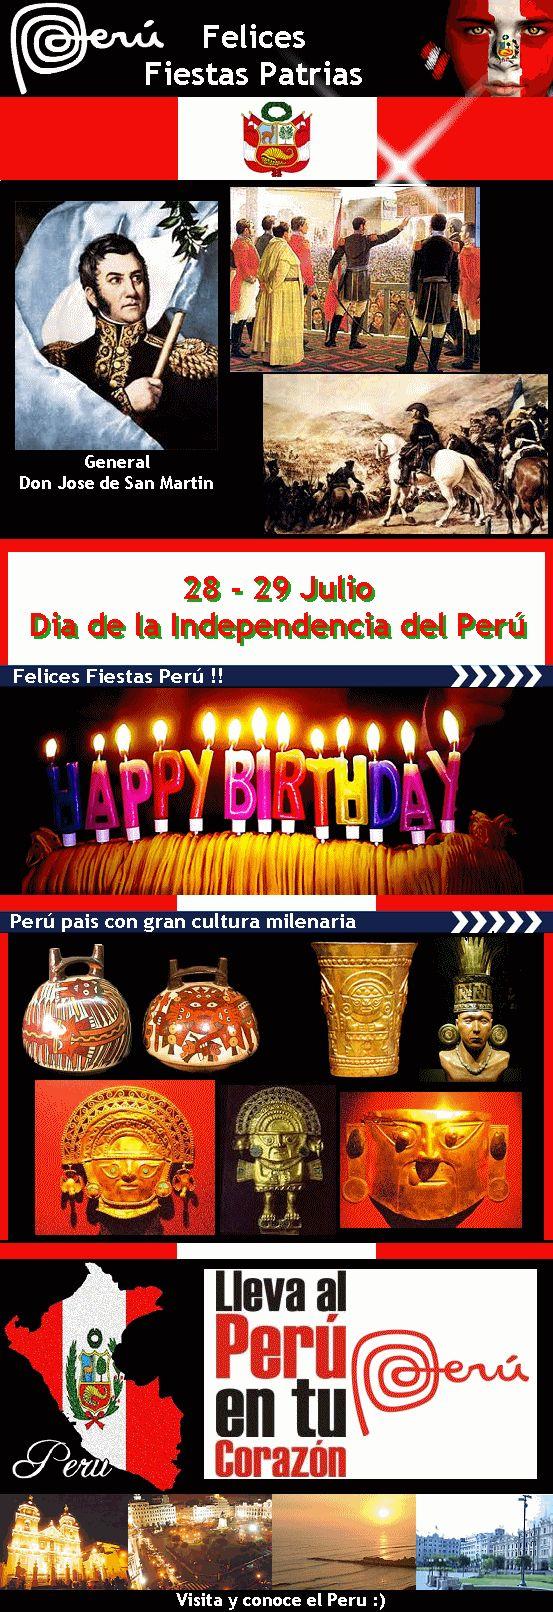 """"""" Felices Fiestas Patrias Perú """""""